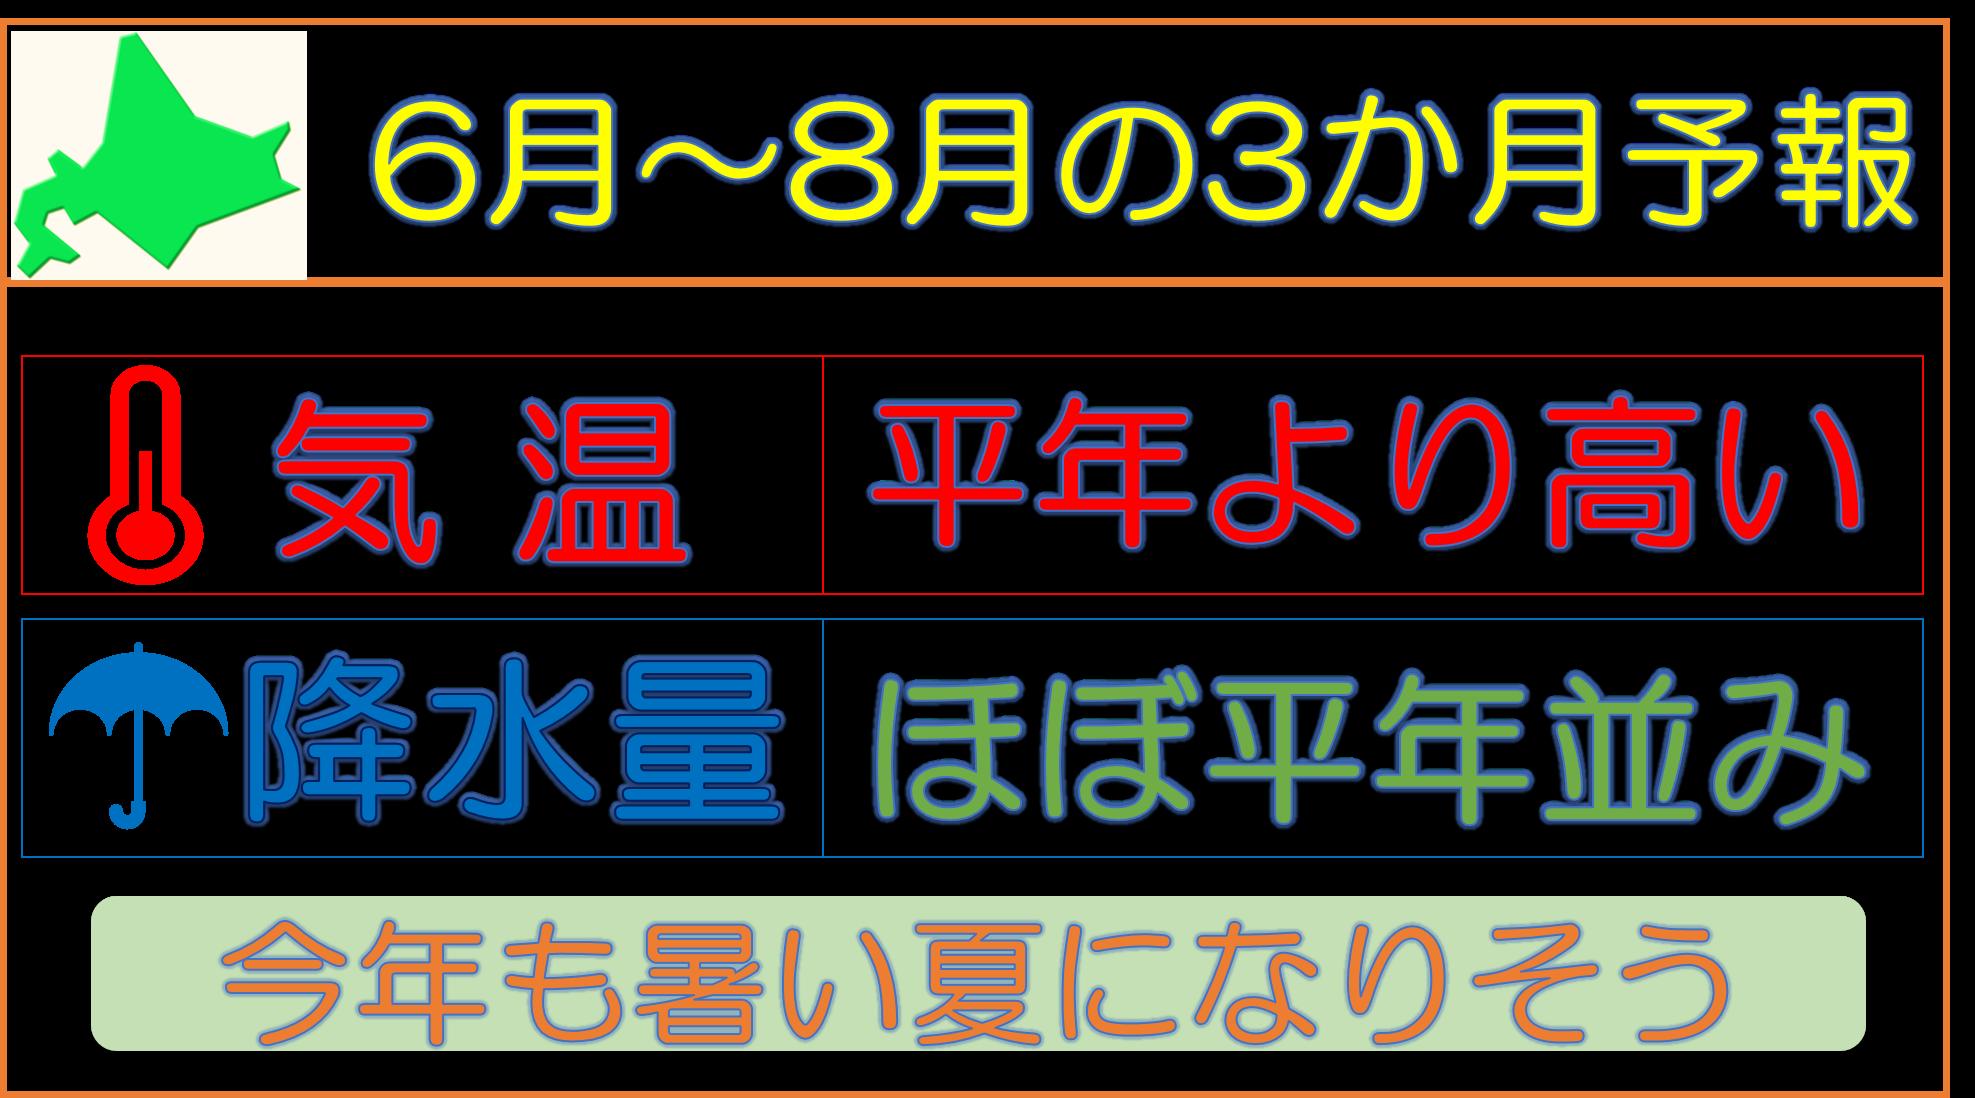 今年の夏の見通し【北海道の夏は暑くなる2017】